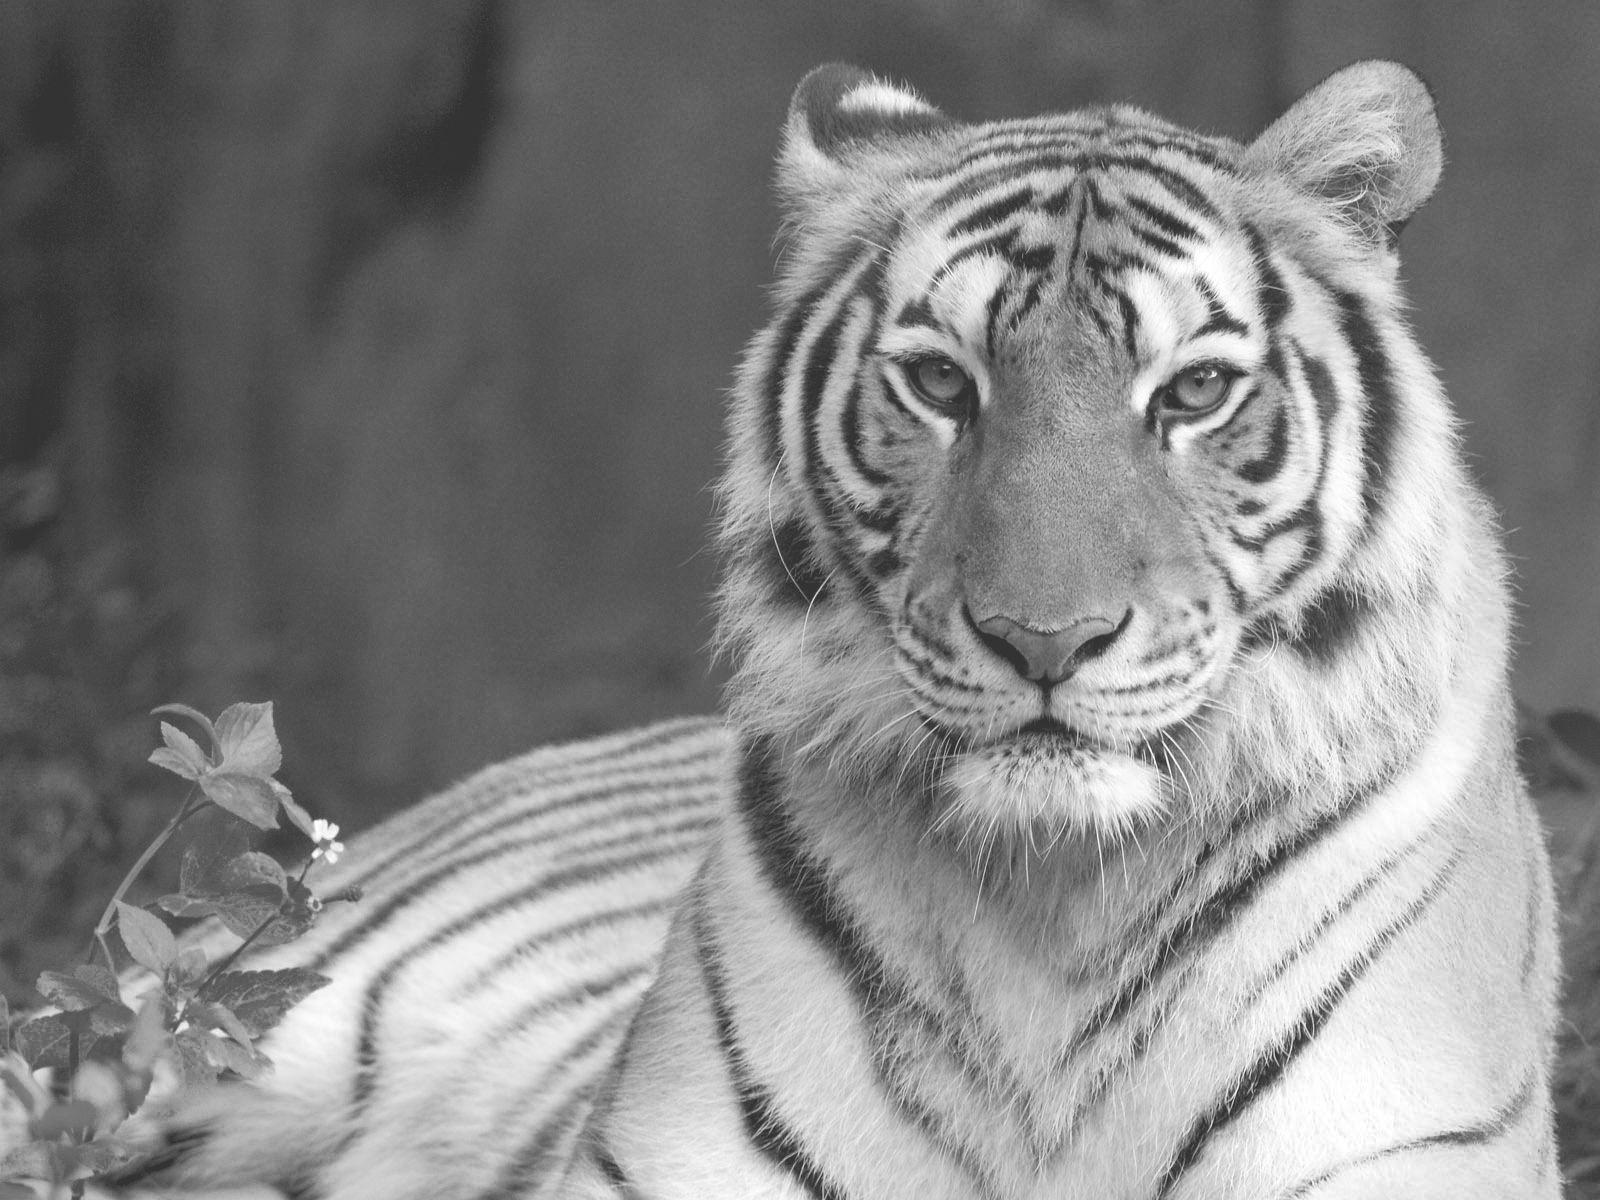 Kleurplaten Dieren Tijgers.Kleurplaat Tijger Coloring Tigers Tiger Wallpaper Tiger